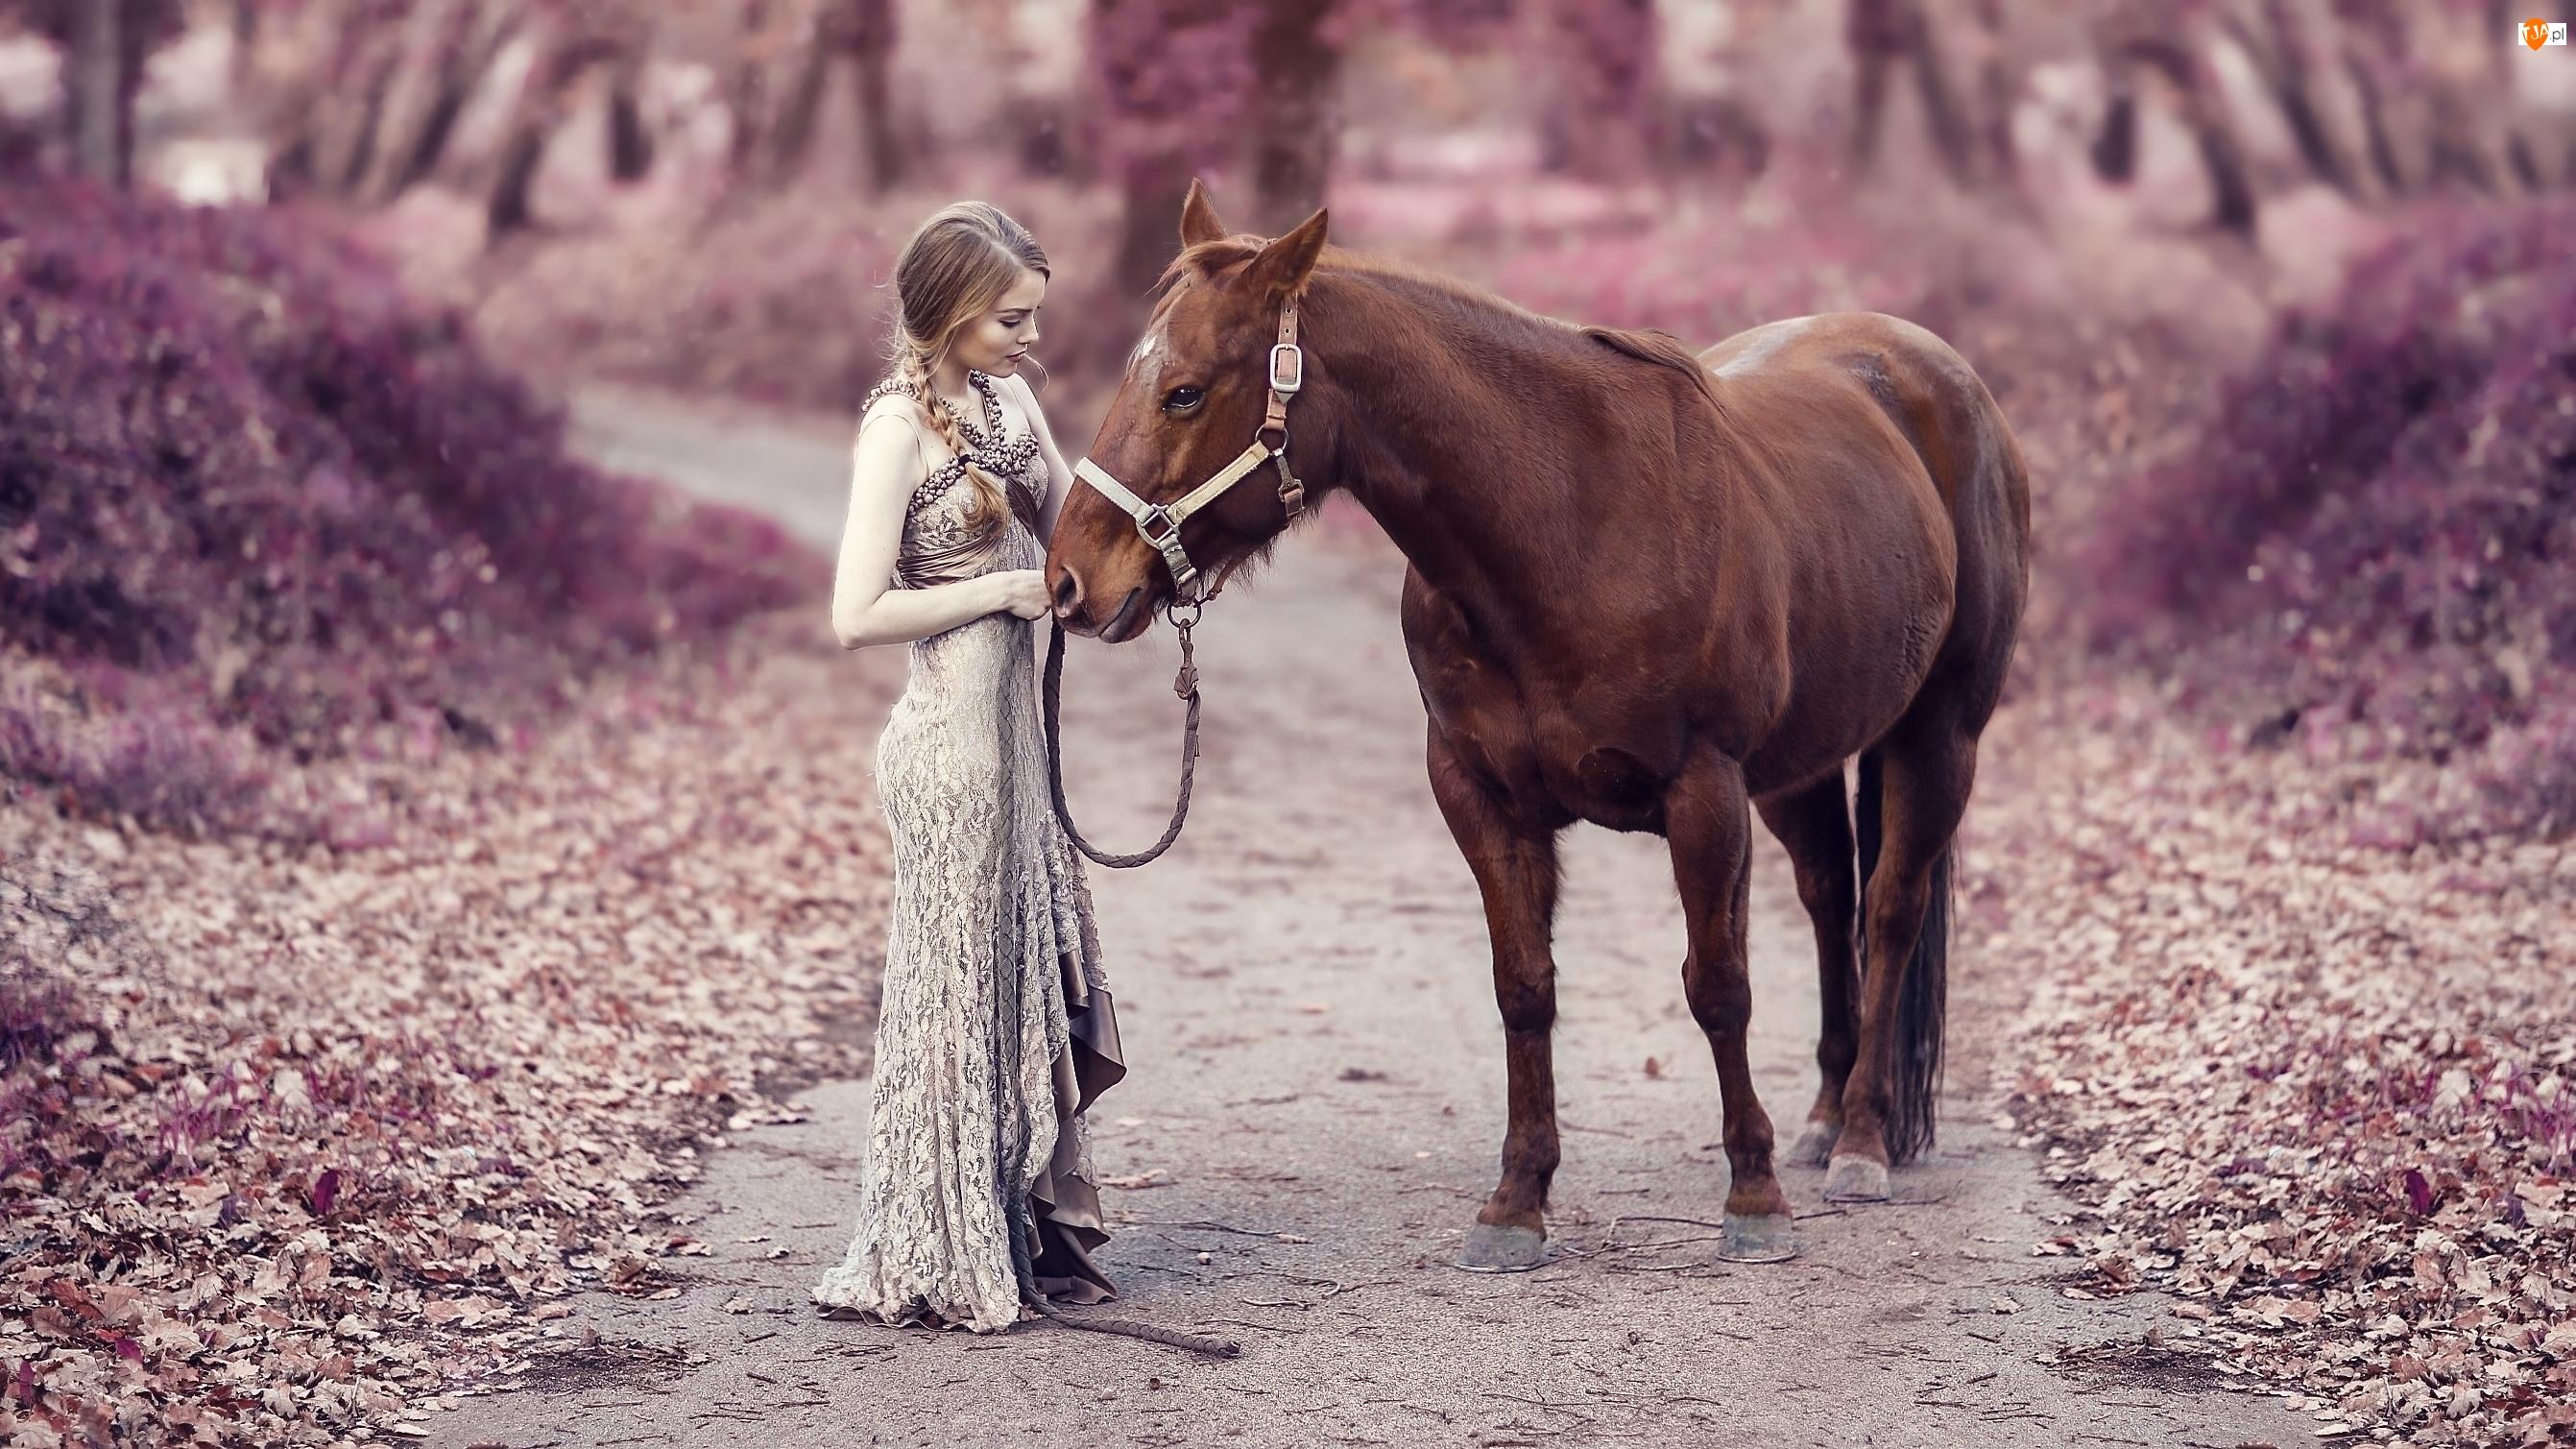 Ścieżka, Kobieta, Koń